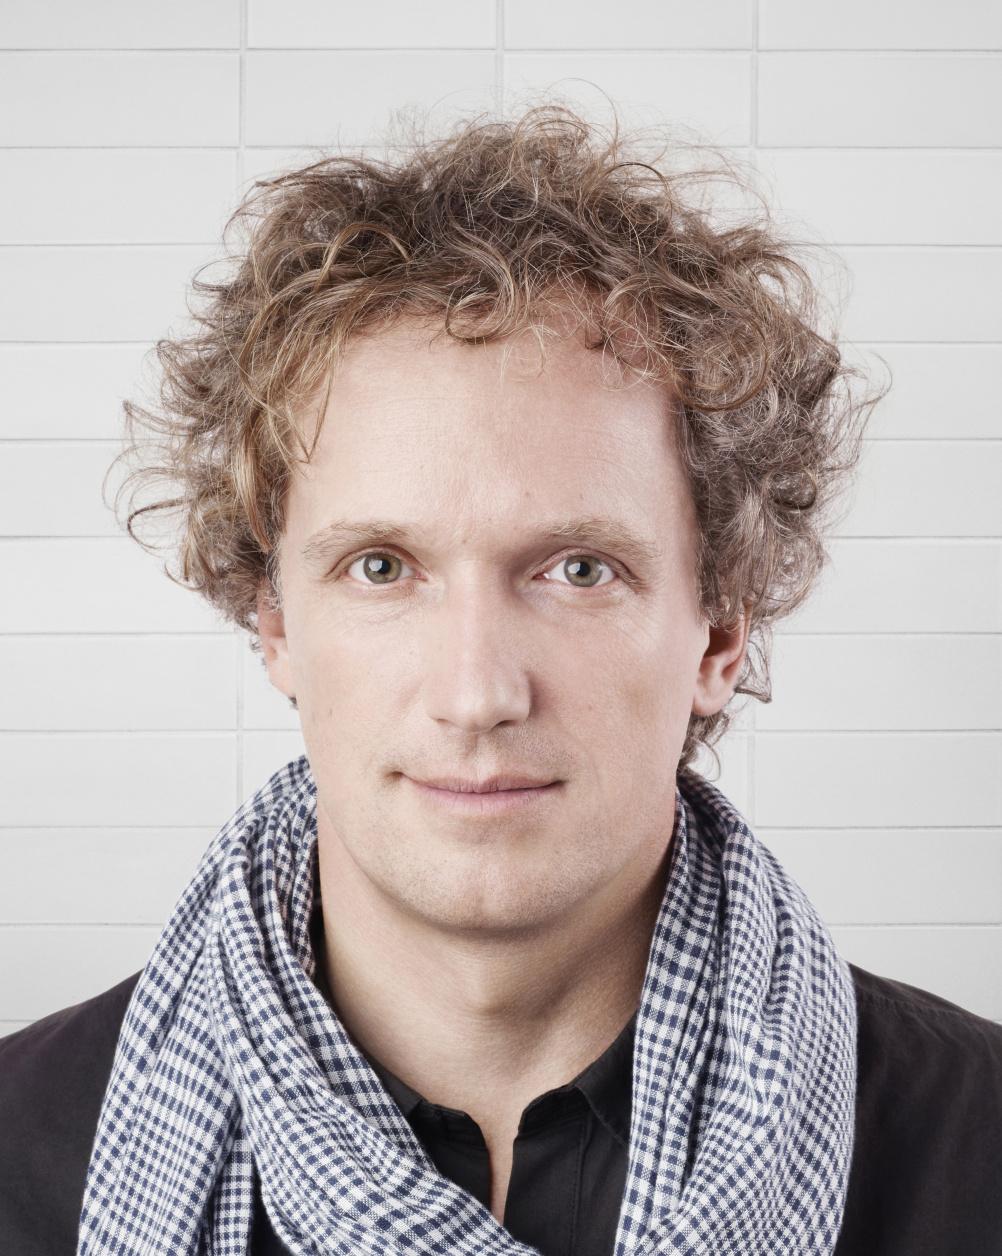 Fuseproject founder Yves Béhar